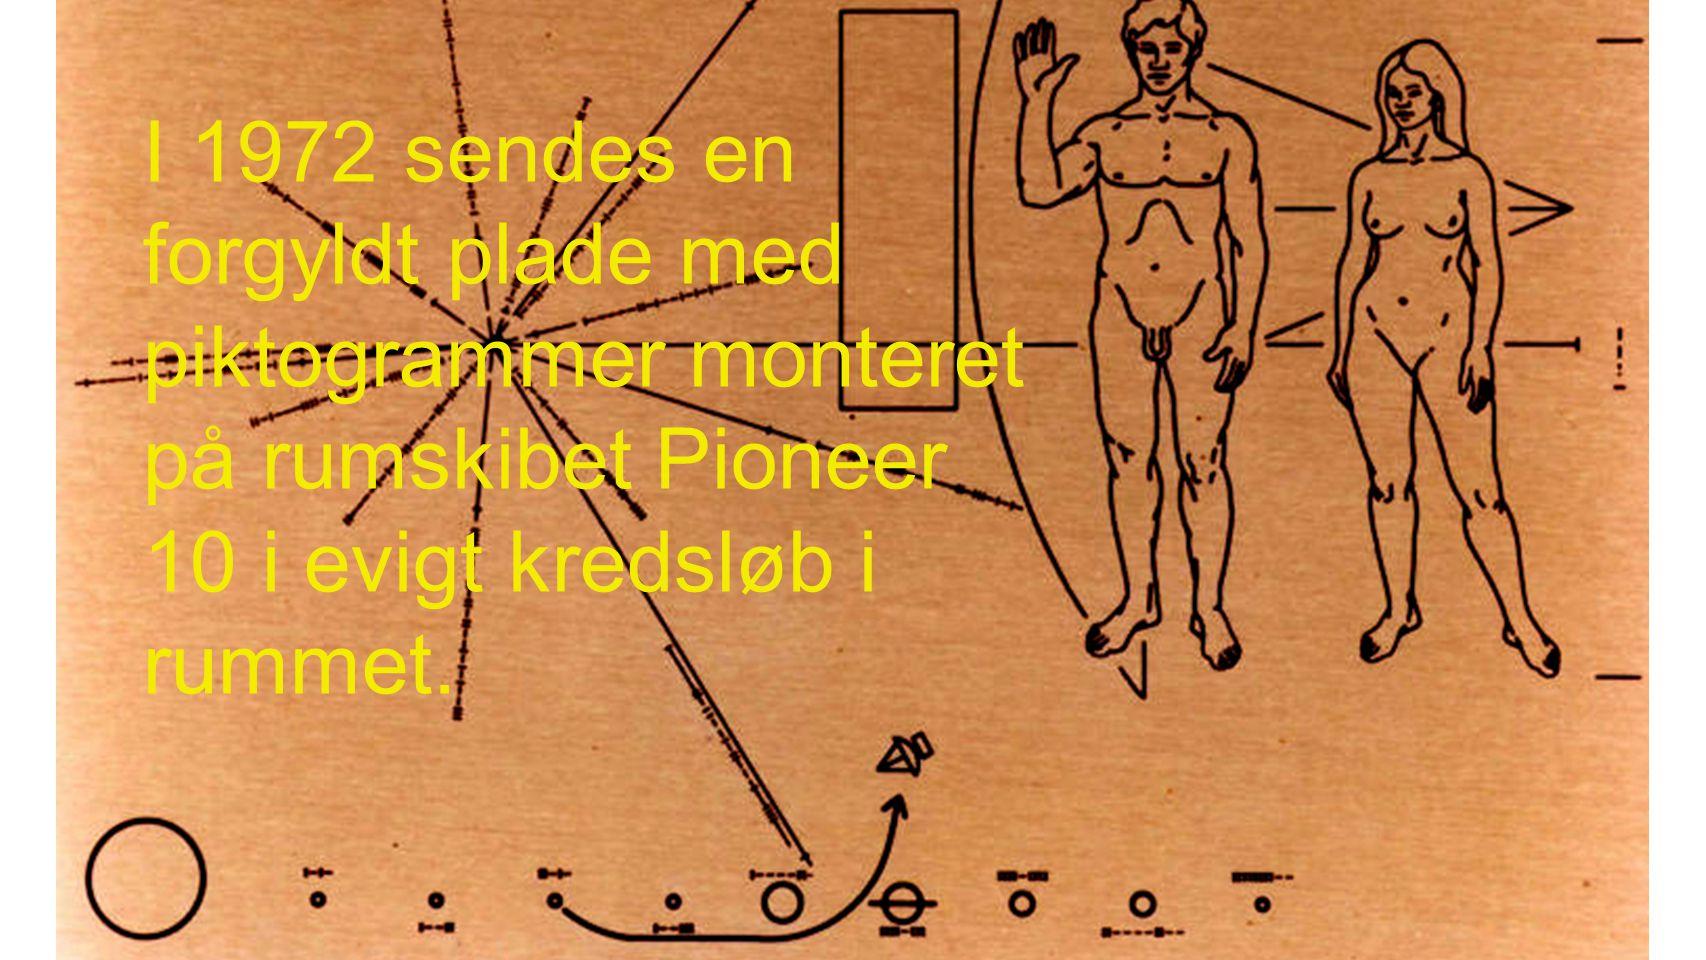 I 1972 sendes en forgyldt plade med piktogrammer monteret på rumskibet Pioneer 10 i evigt kredsløb i rummet.